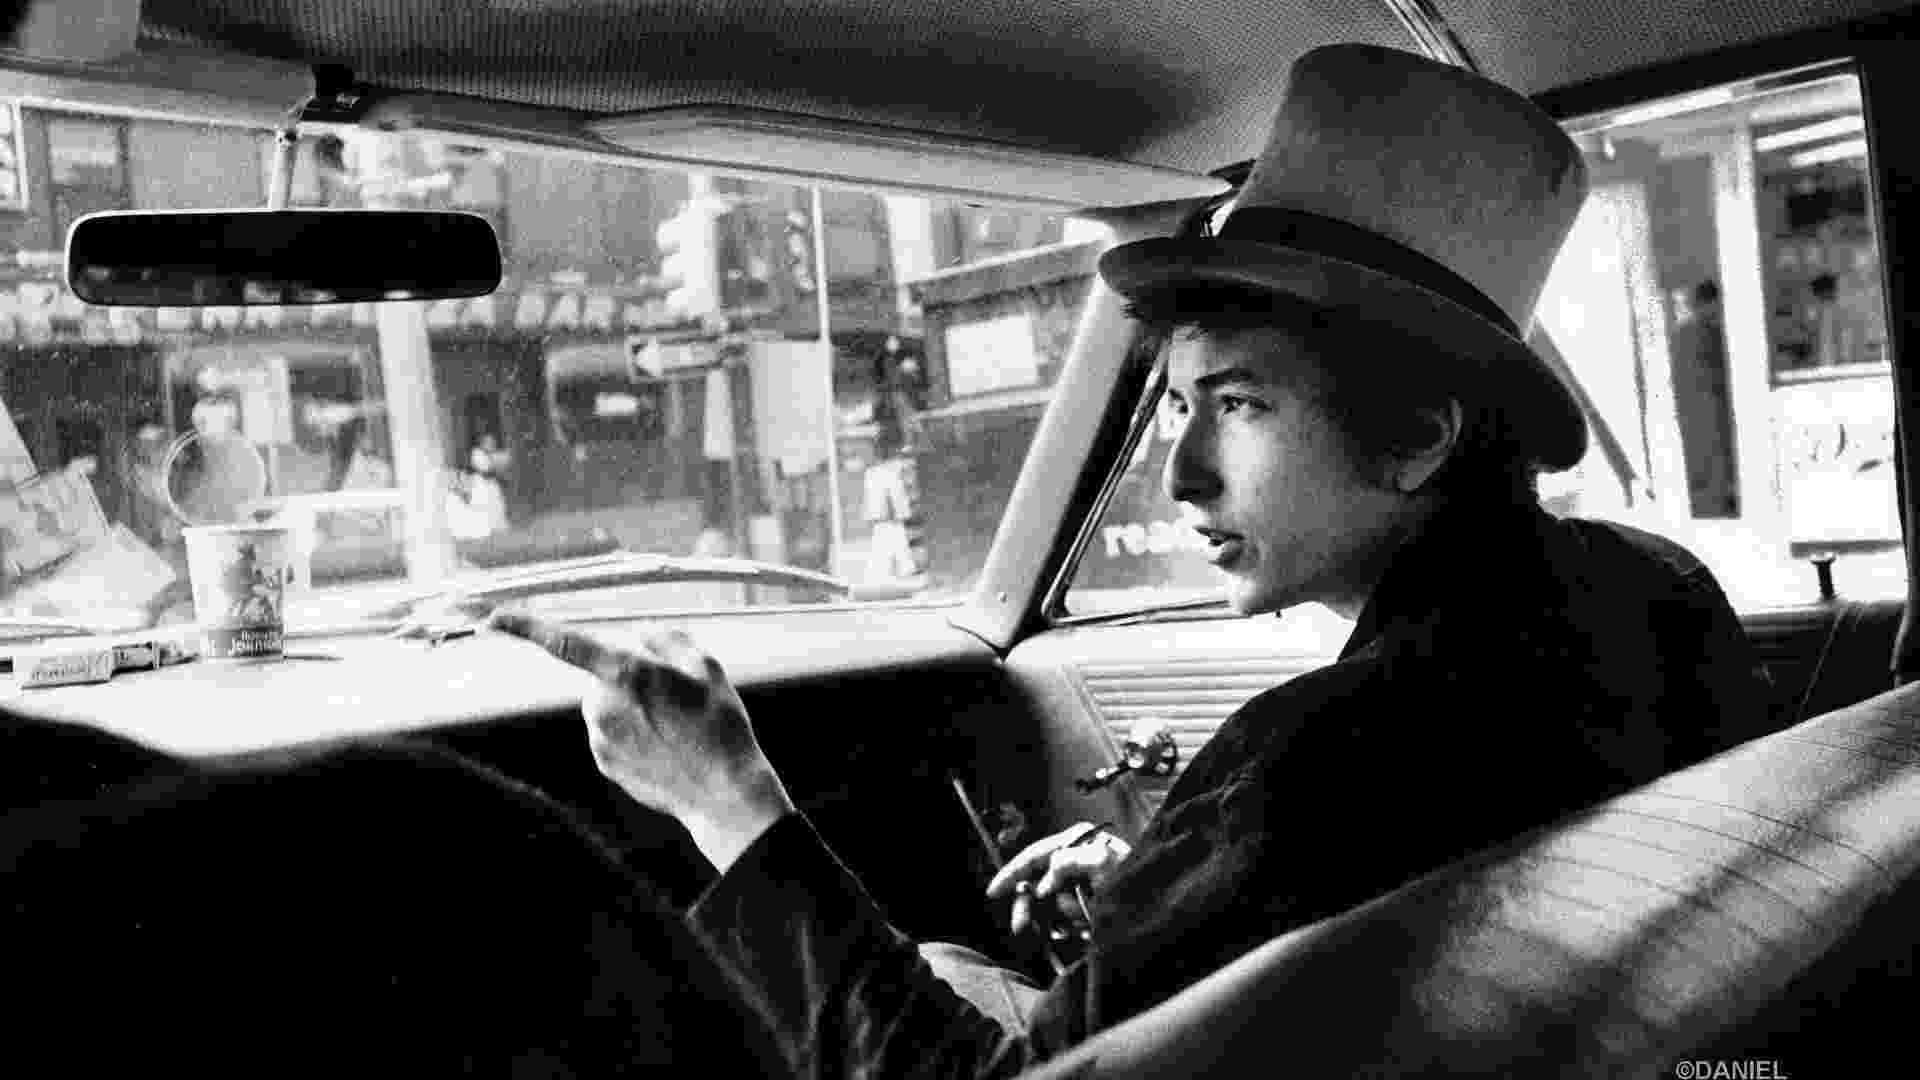 """A exposição """"Photographs of Bob Dylan"""" reúne fotos feitas por Daniel Kramer durante turnê do bardo, entre 1964 e 1965. Kramer registra a metamorfose do artista de trovador folk a ícone do rock 'n' roll - Daniel Kramer"""